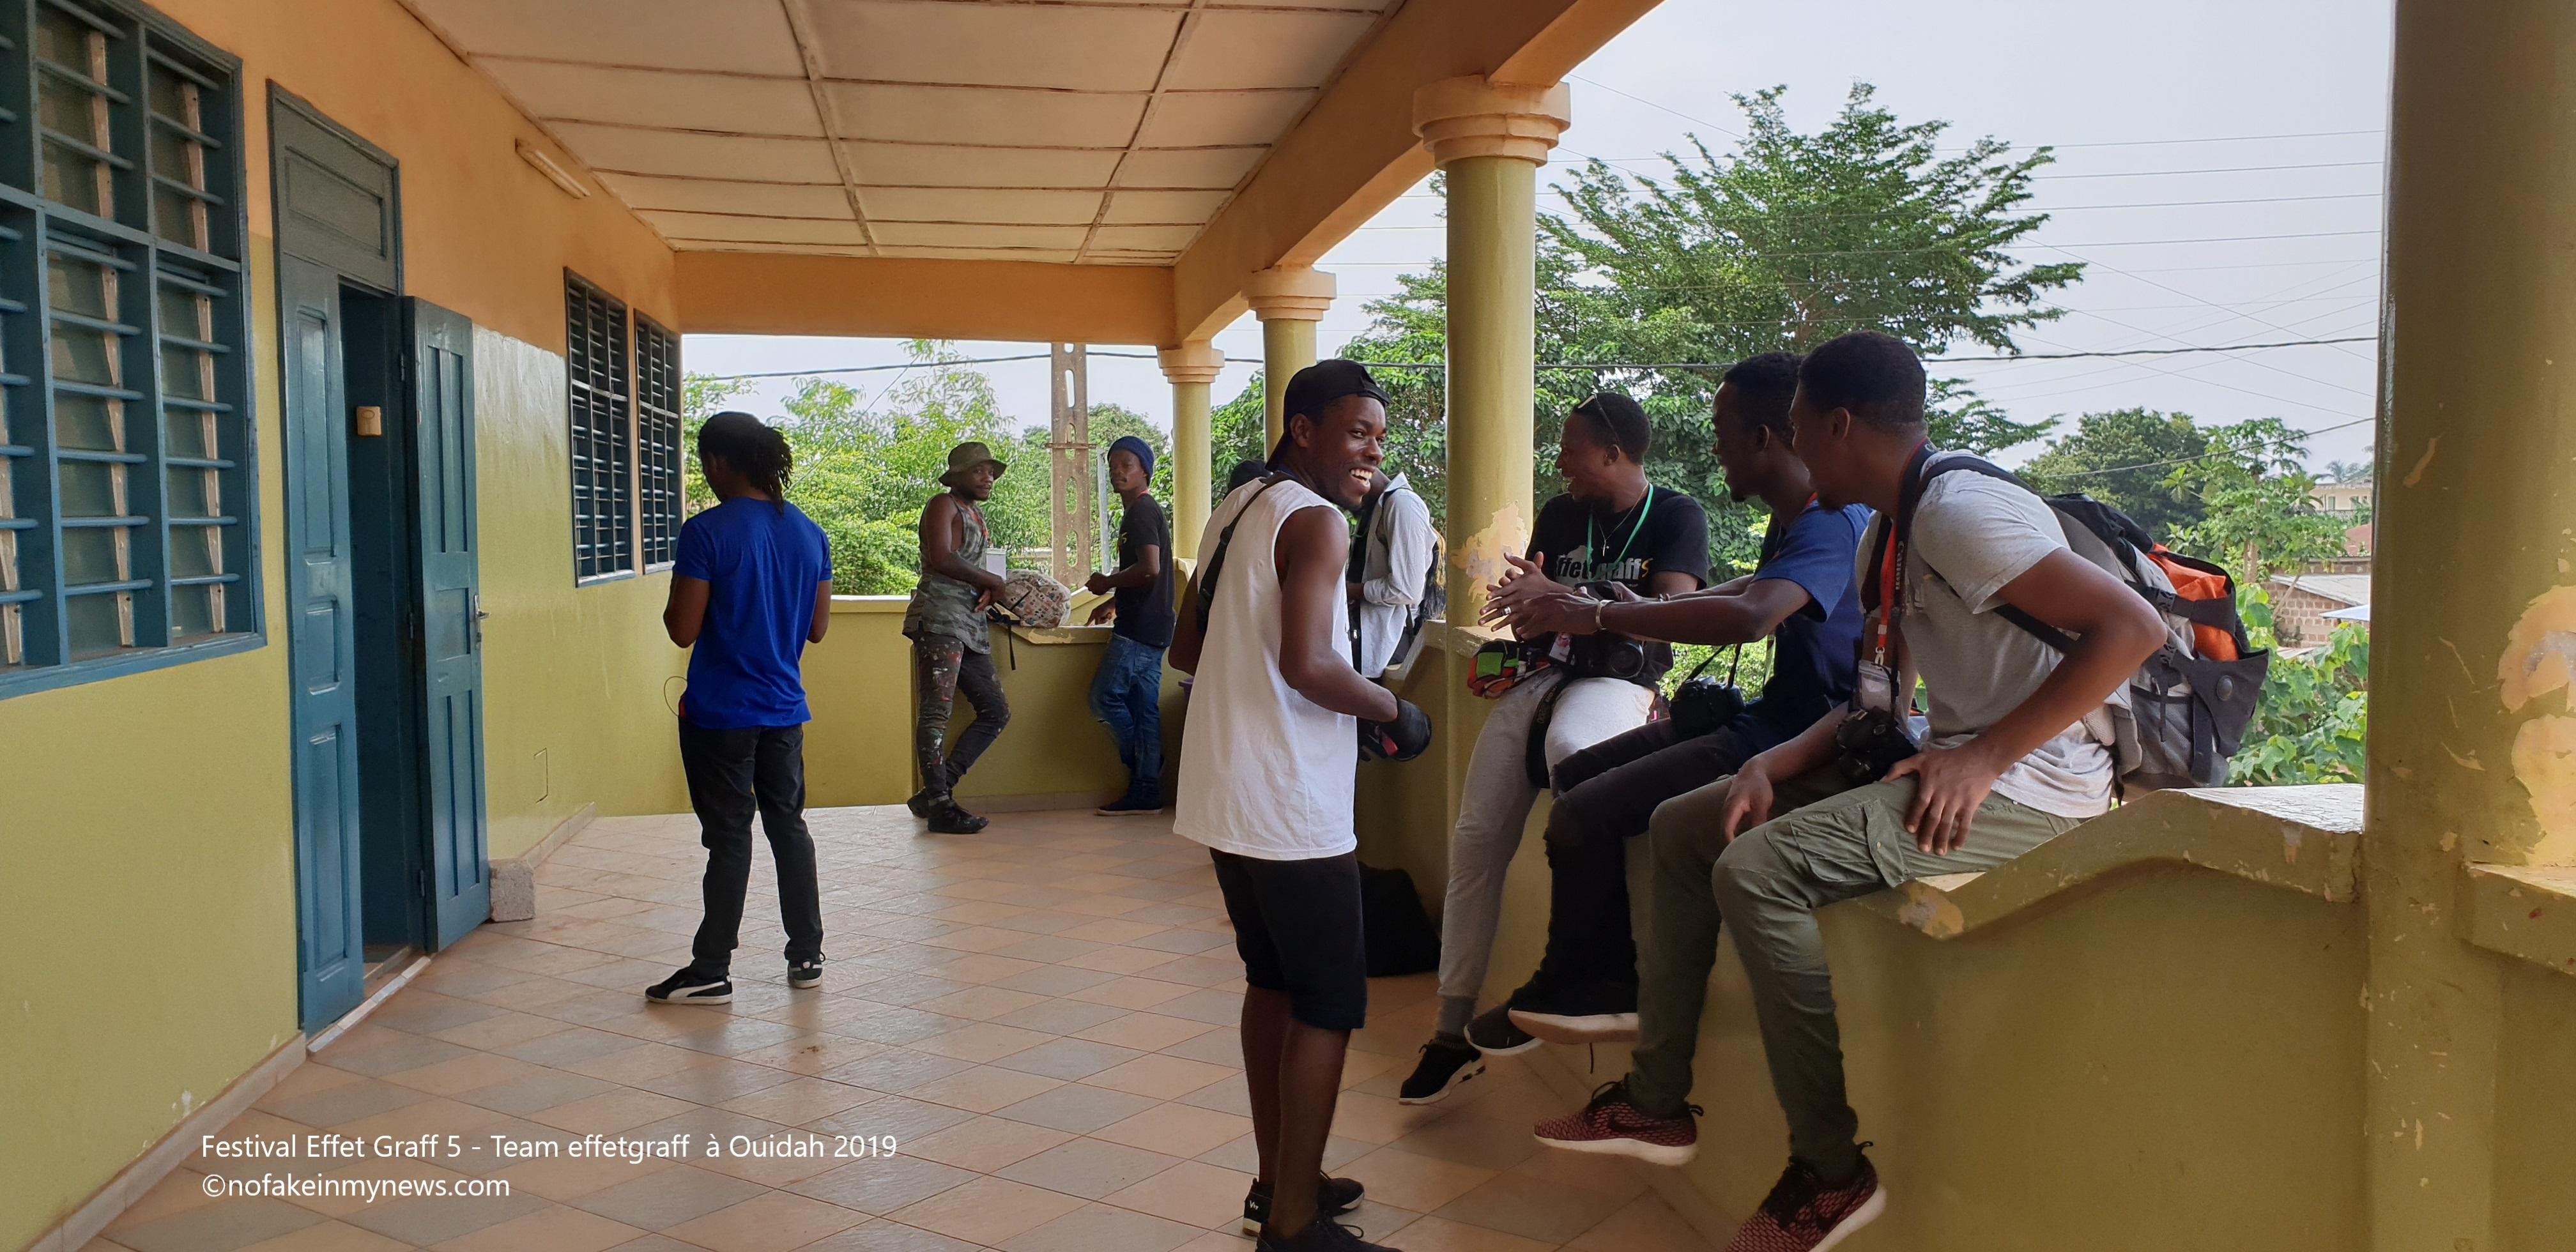 Festival Effet Graff 5 - Team effetgraff à Ouidah 2019- ©nofakeinmynews